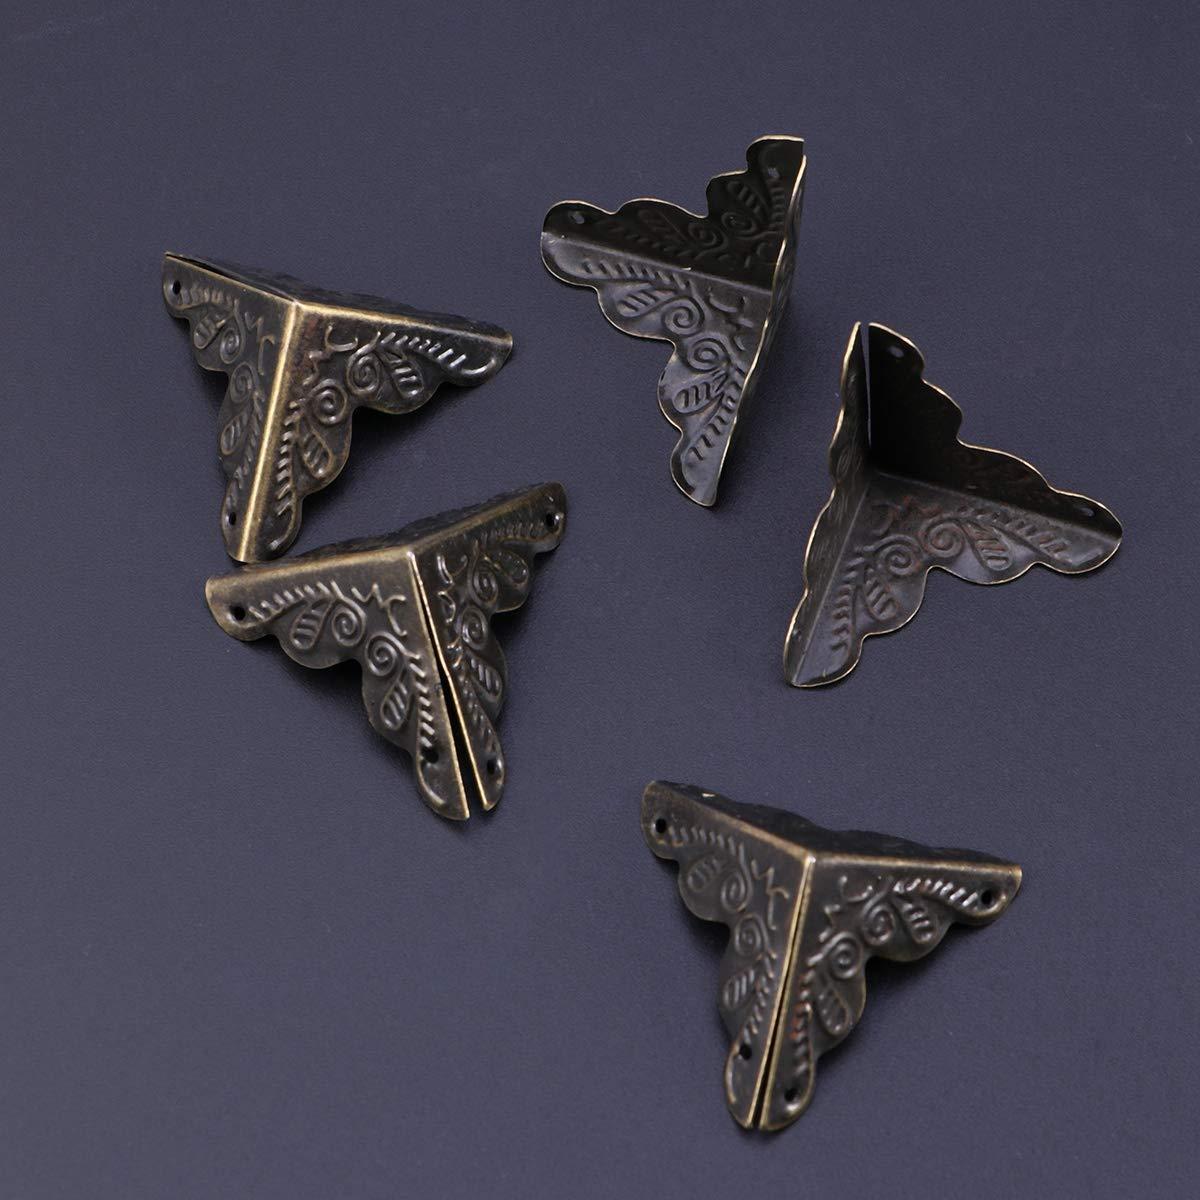 Negro Vosarea 30 Piezas de Protectores de Esquina de Metal para Cajas de Seguridad de Borde Guardia Vintage Decorativo Muebles Protector de Esquina con 120 Piezas Clavos